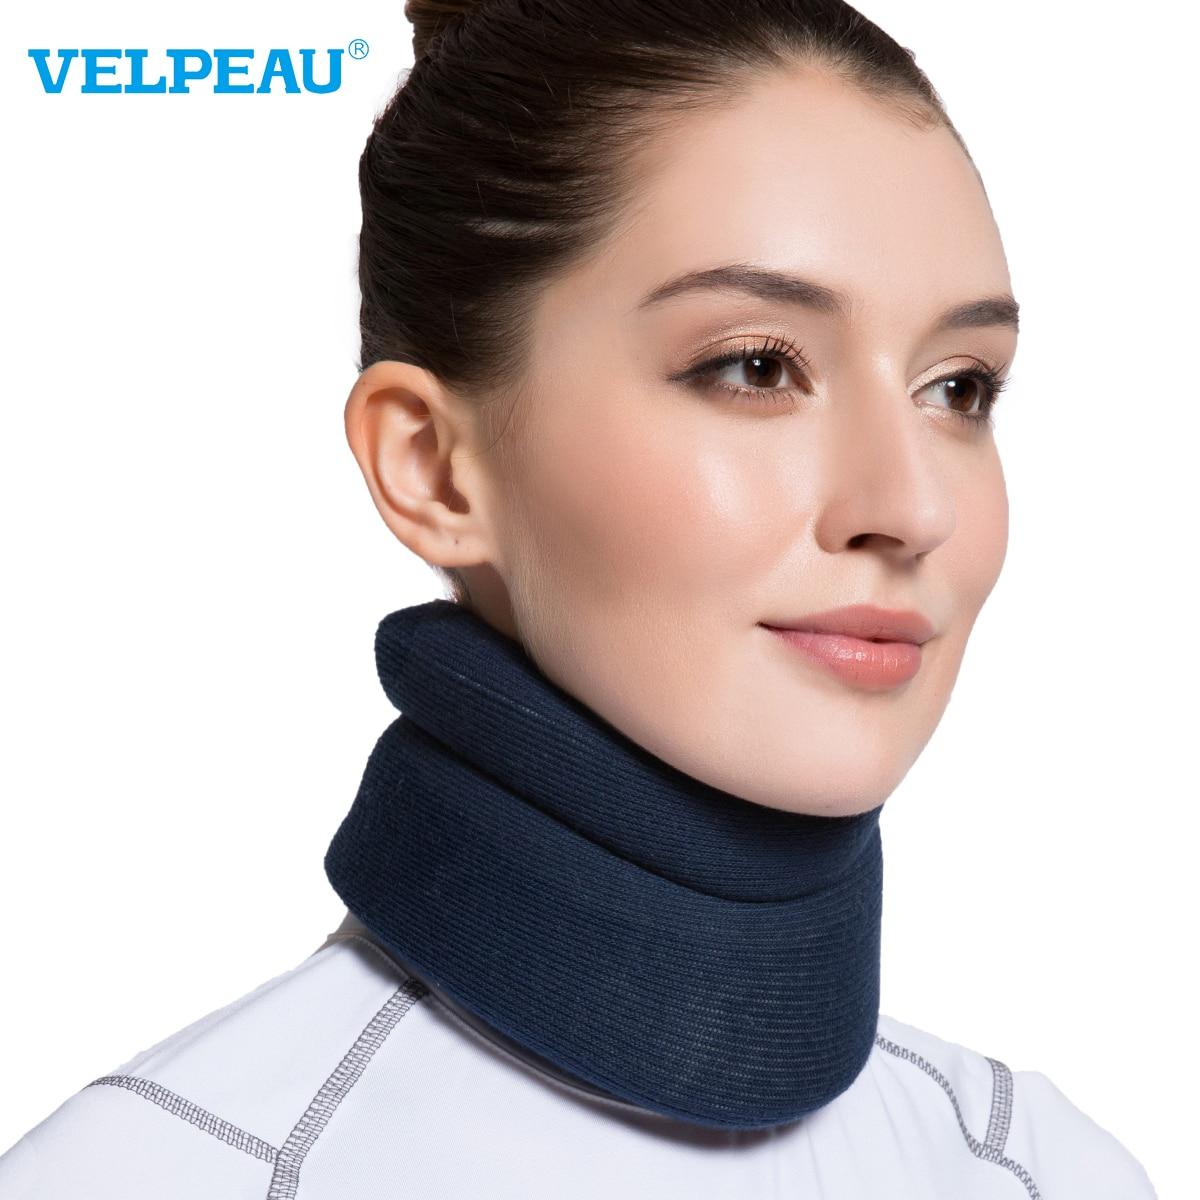 Шейный бандаж VELPEAU для мигрени из-за проблем с шейным позвоночником шейный воротник для декомпрессии шейного отдела с заменяемой крышкой